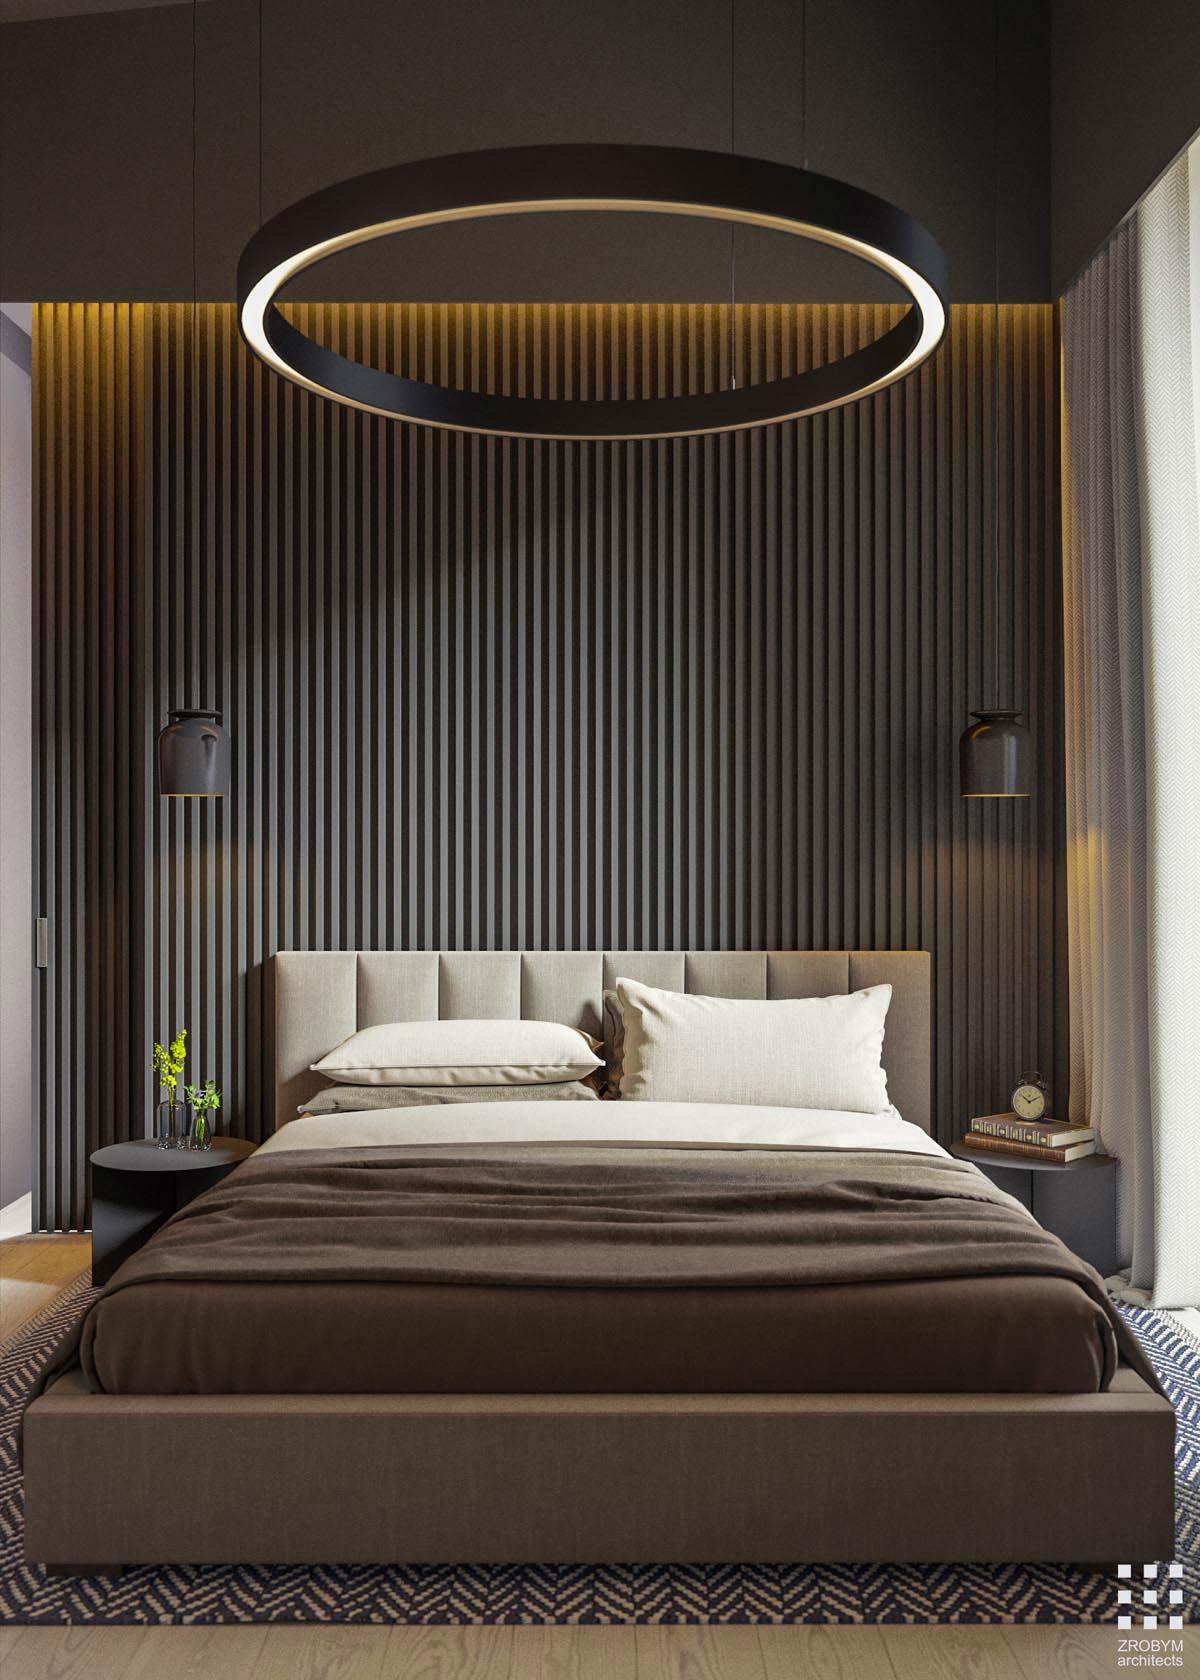 slaapkamer led verlichting hanglamp